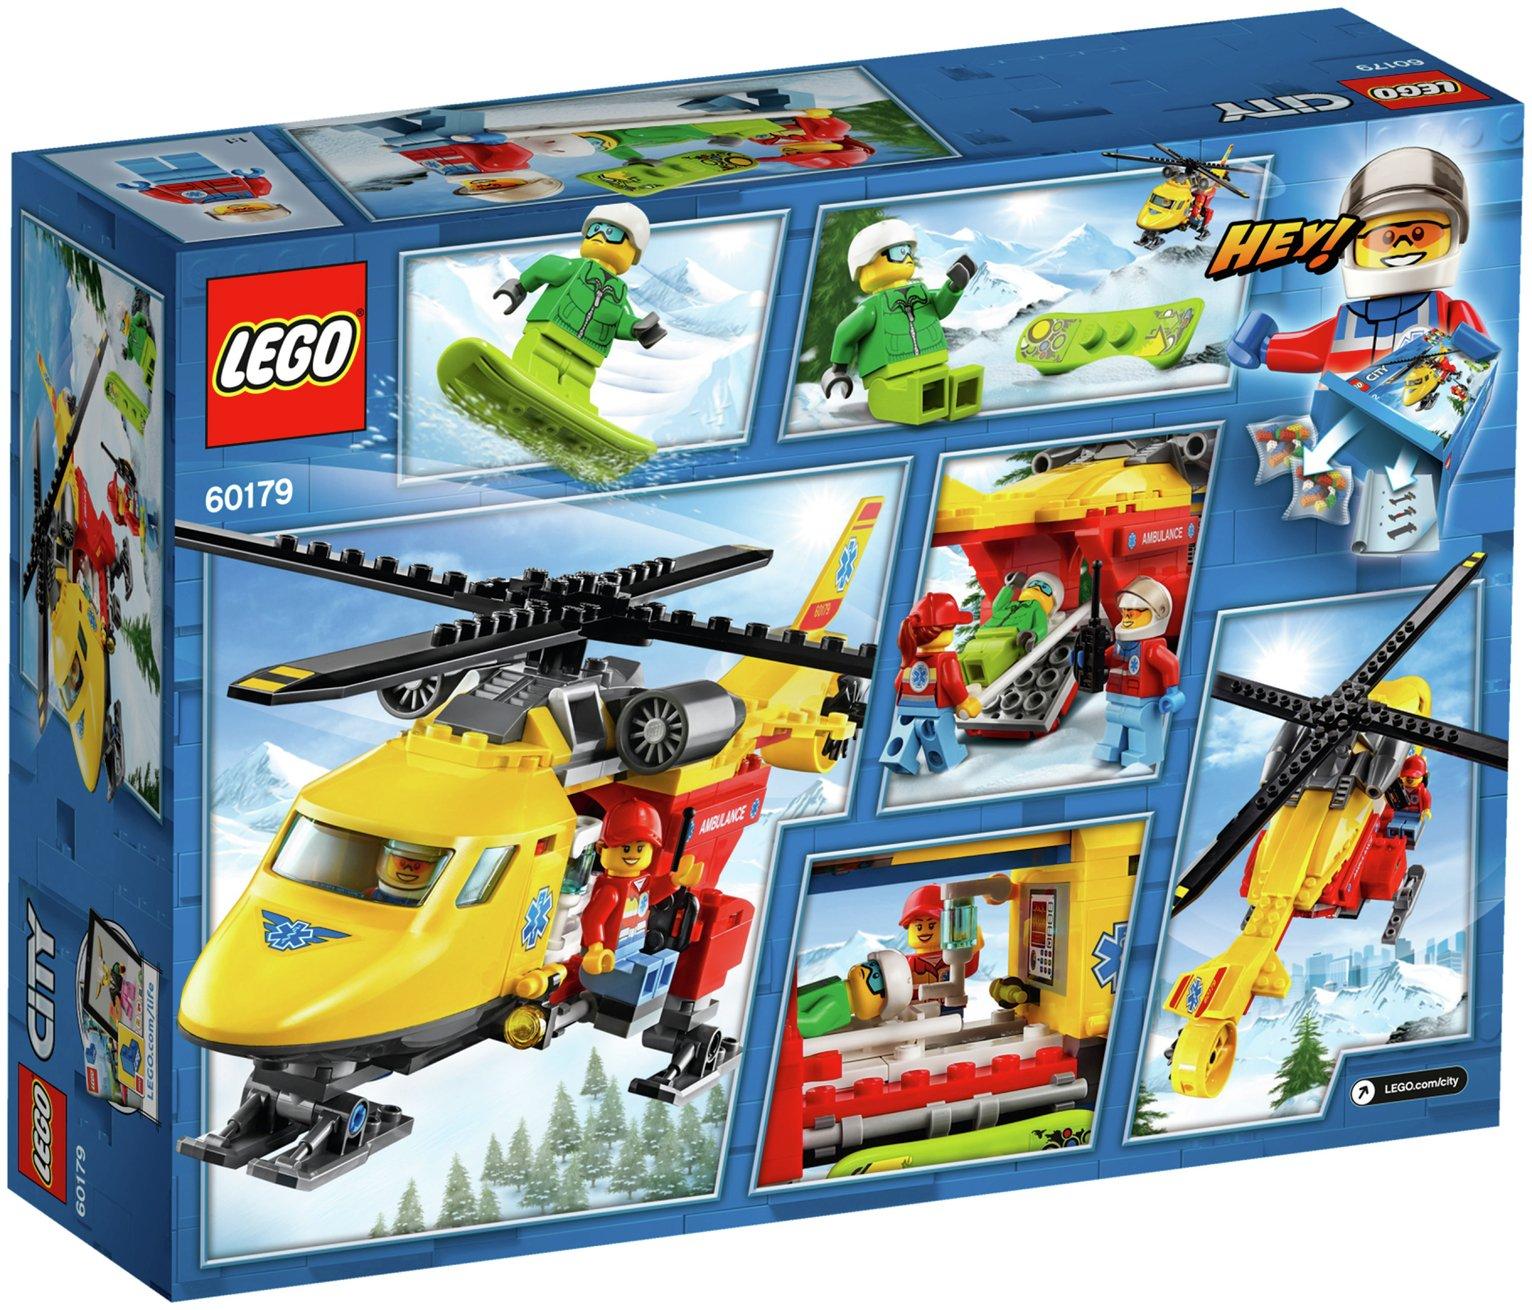 Buy LEGO City Ambulance Helicopter - 60179   LEGO   Argos